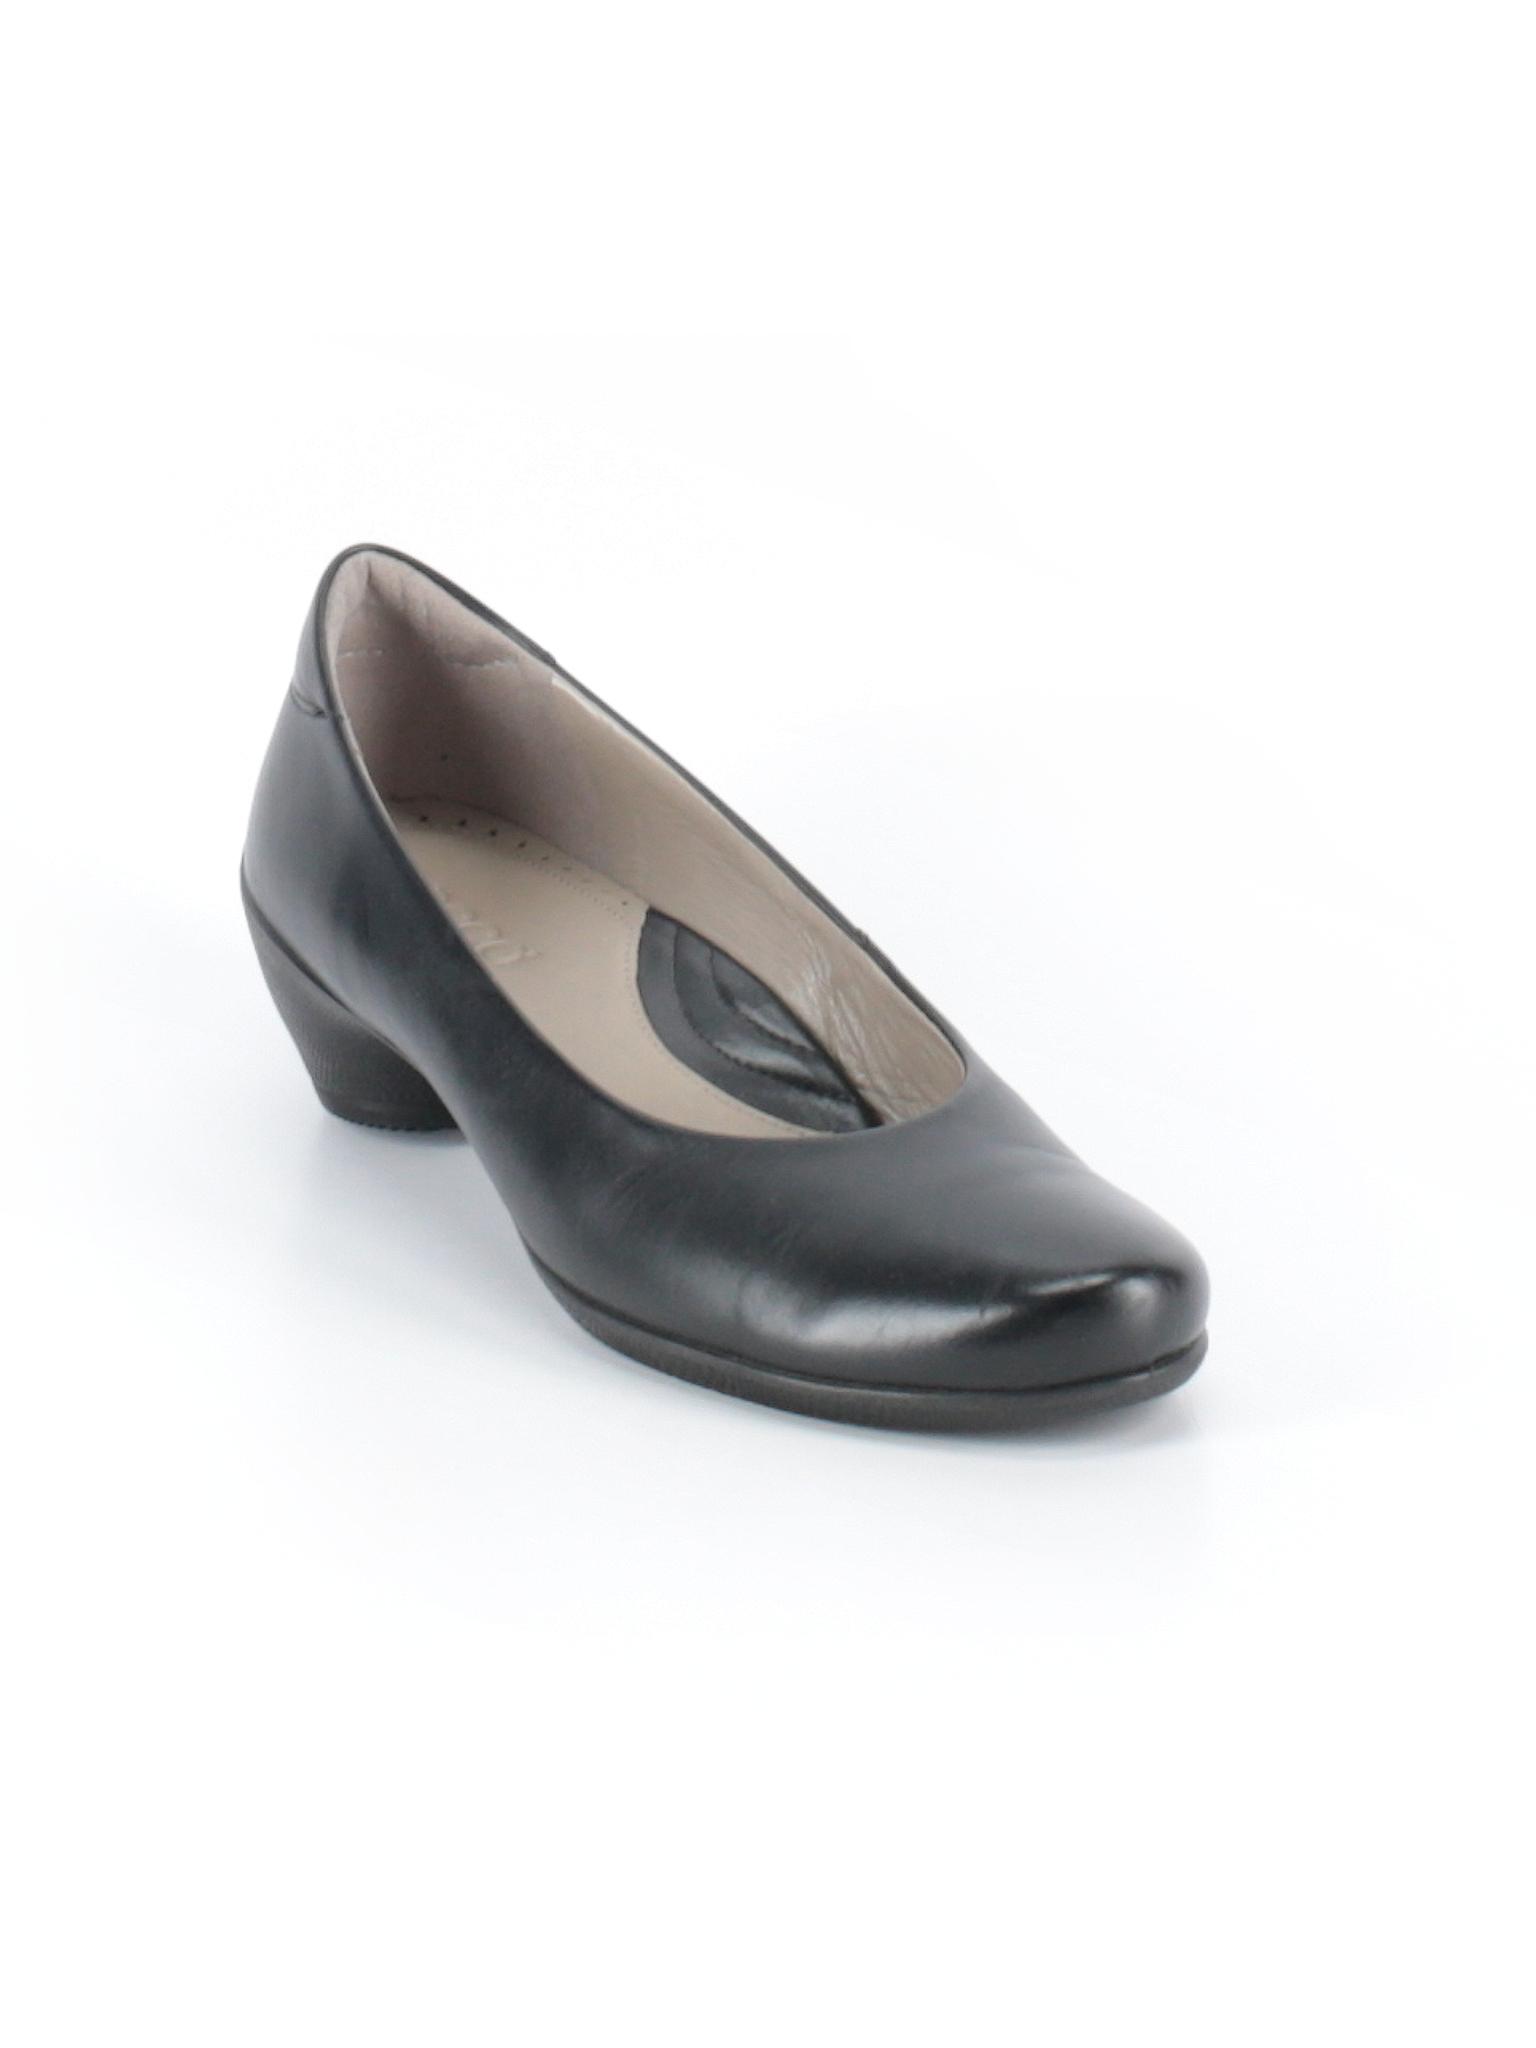 Boutique Heels Boutique Ecco promotion promotion XIwrqTX